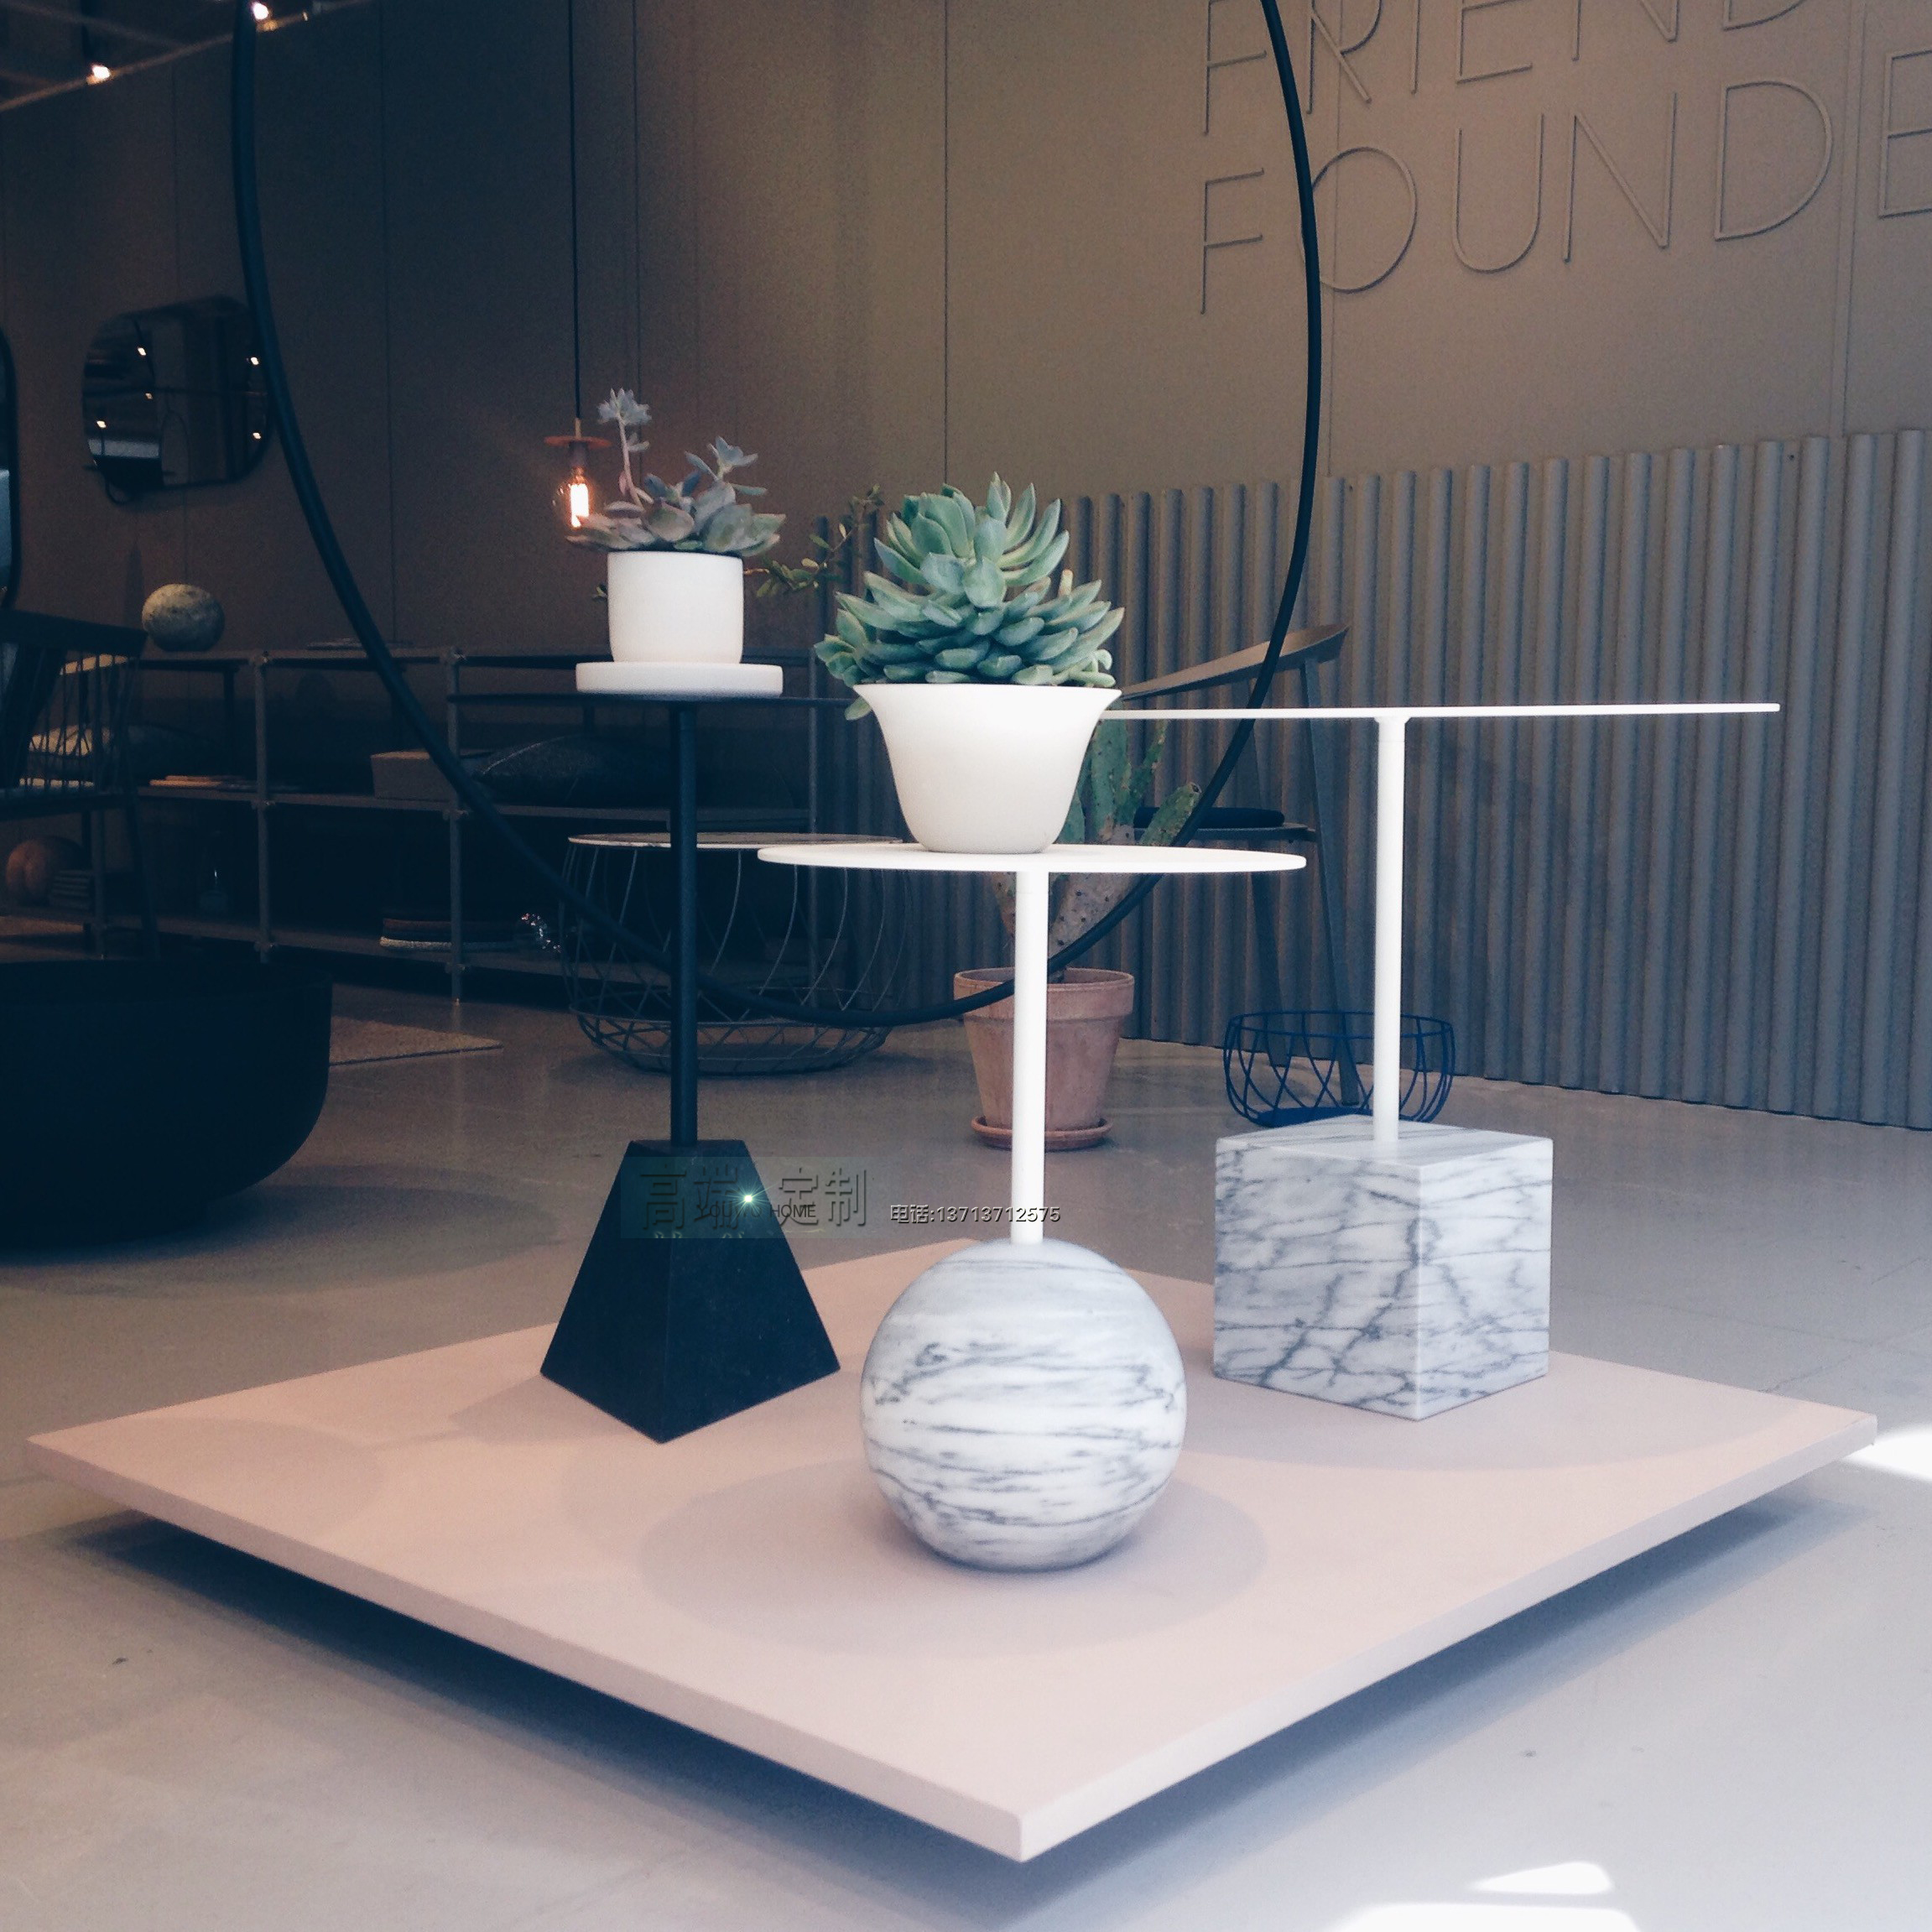 Table 时尚大理石茶几 北欧大师设计家具 室内设计 铁烤漆 不锈钢电镀 大理石规格可定制